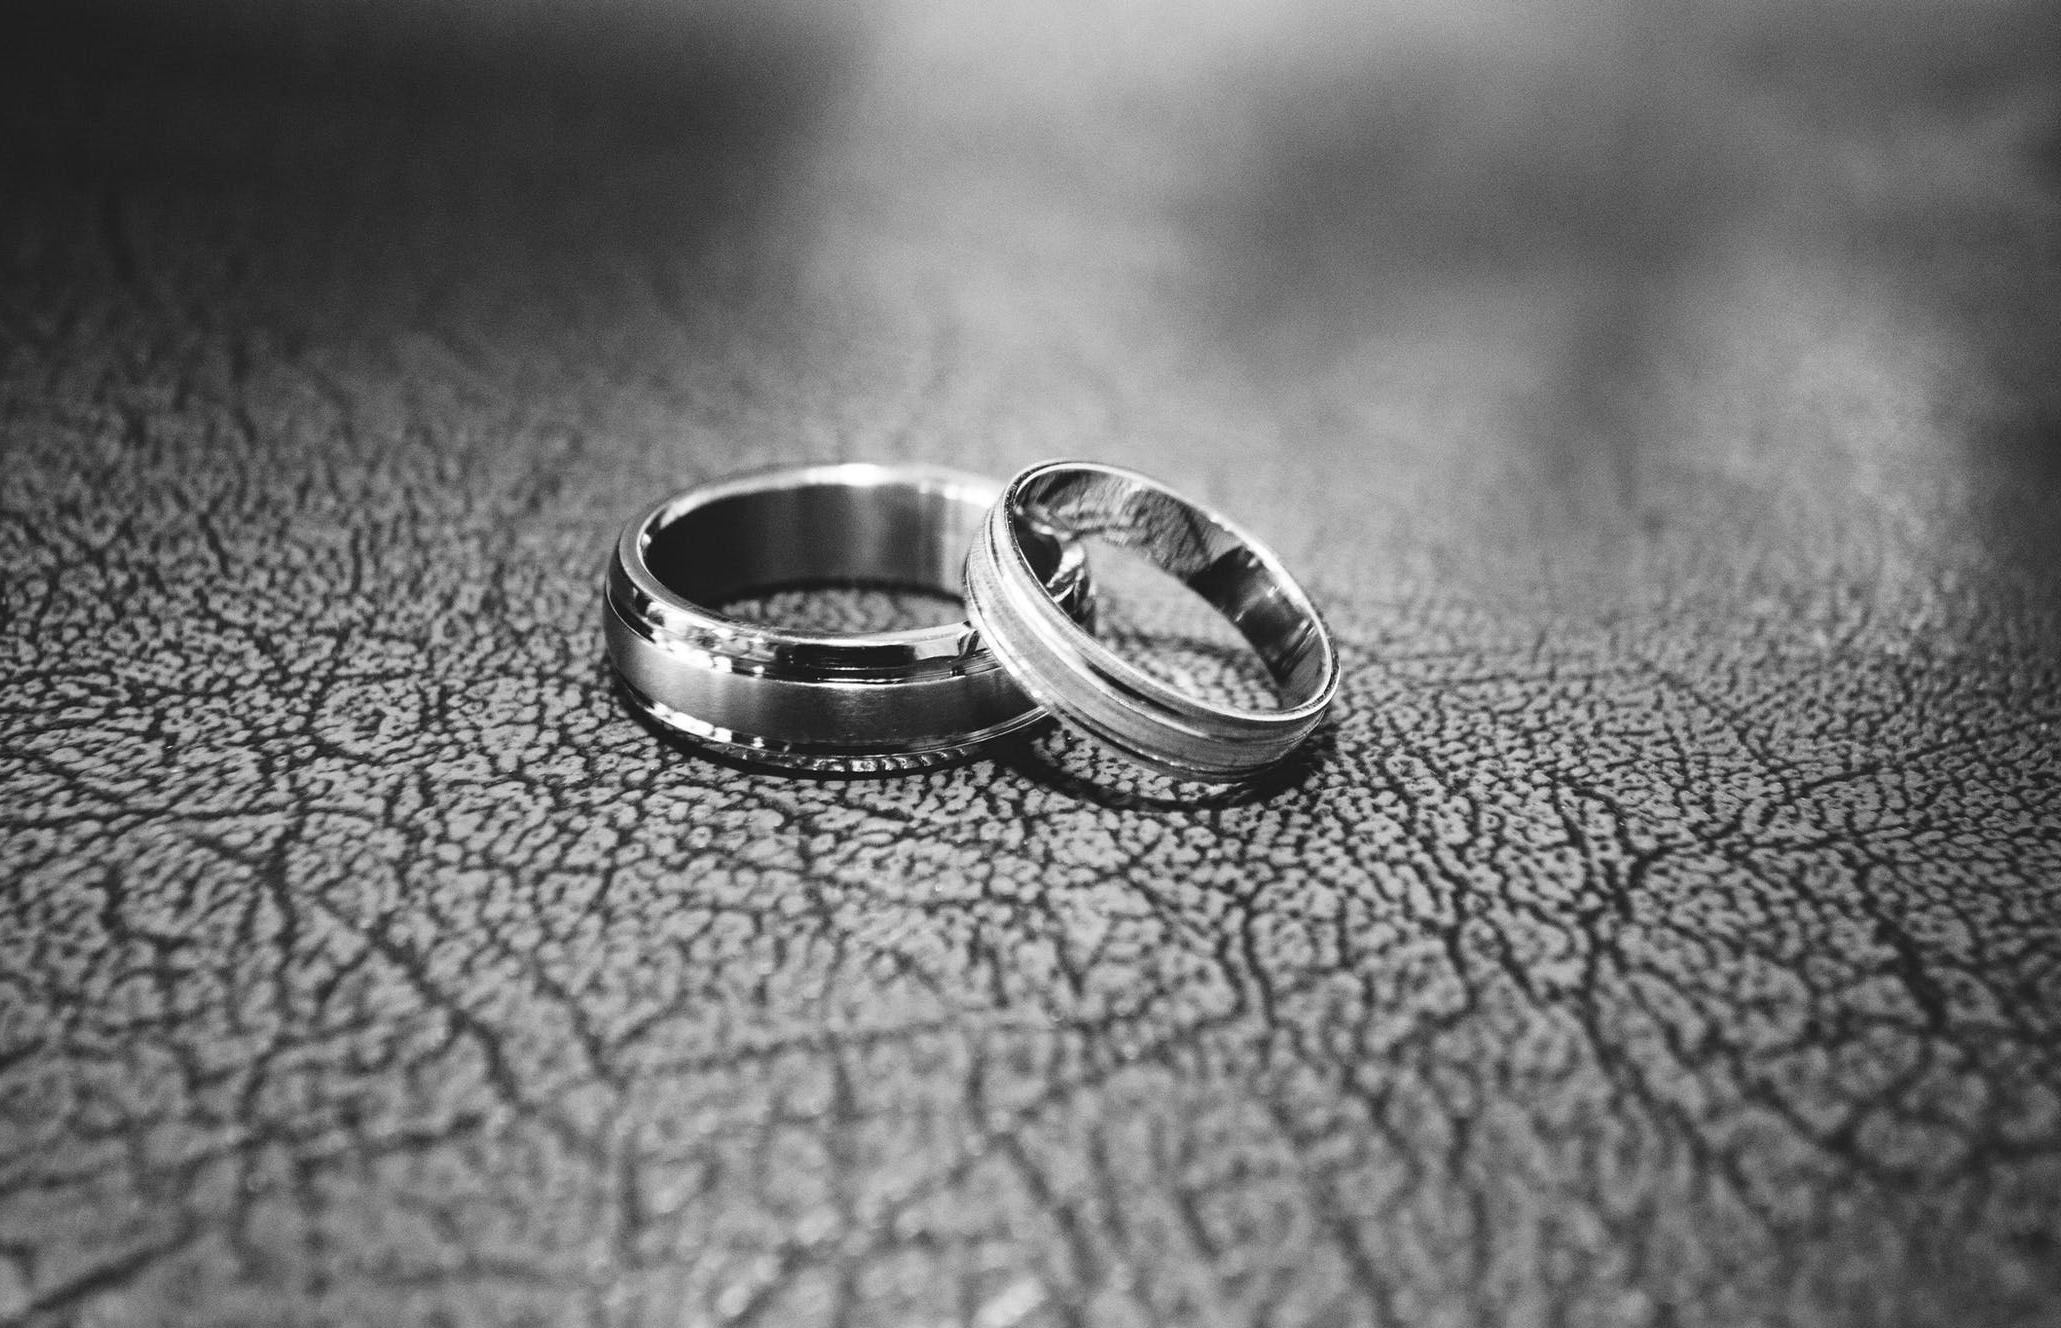 В Твери прокуратура раскрыла фиктивный брак 12-летней давности  - новости Афанасий